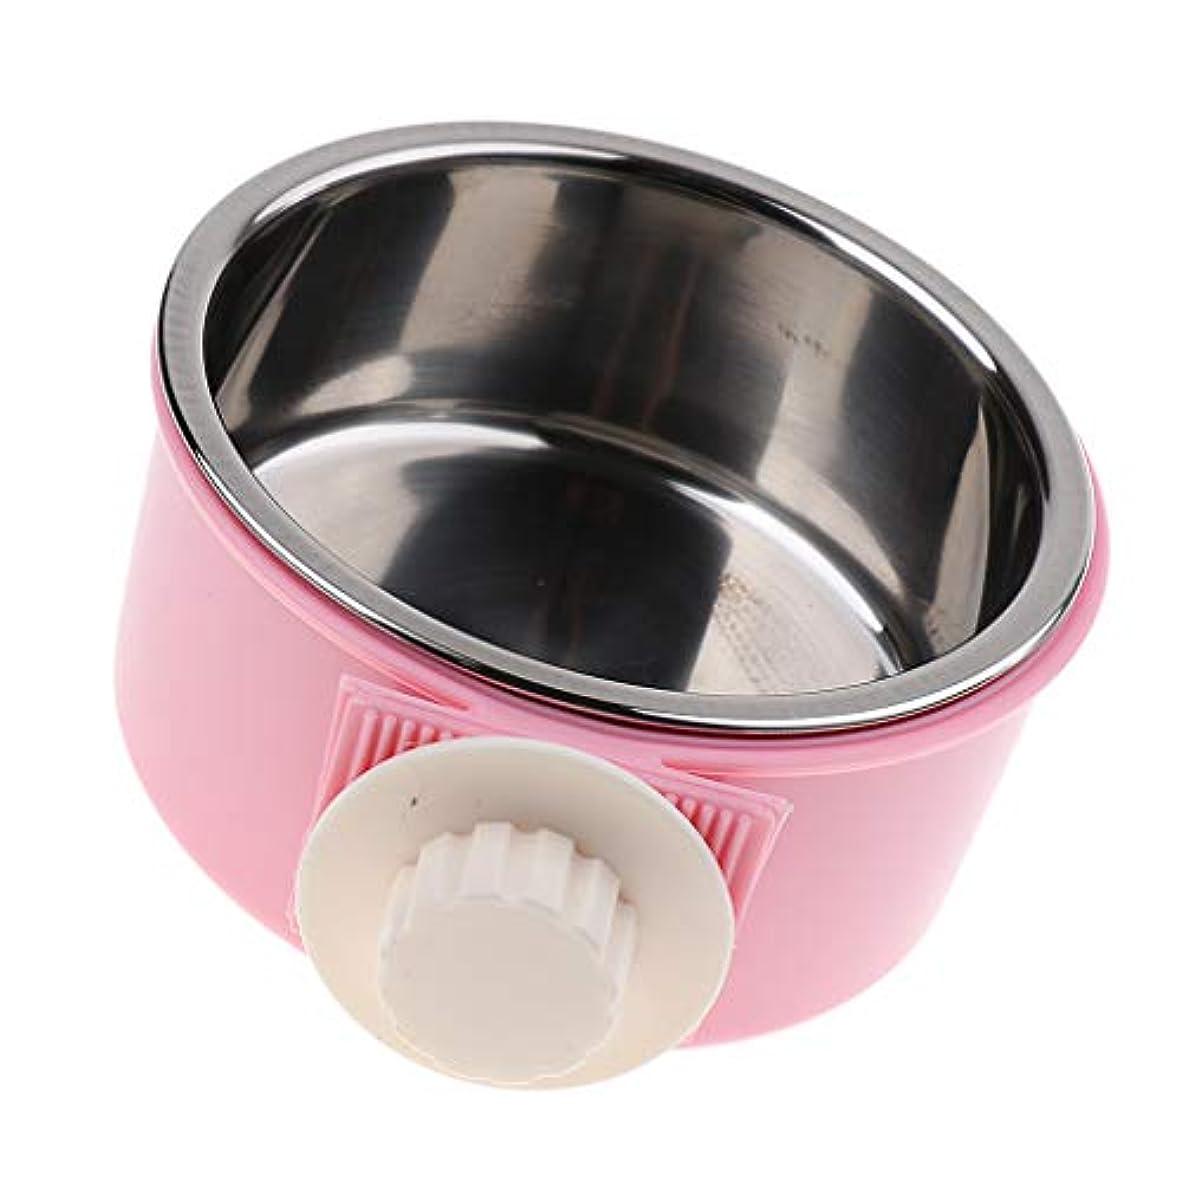 Baoblaze 取り外し可能 水 食品 フィーダ ボウル 犬 猫 ボウル 2色選べる - ピンク